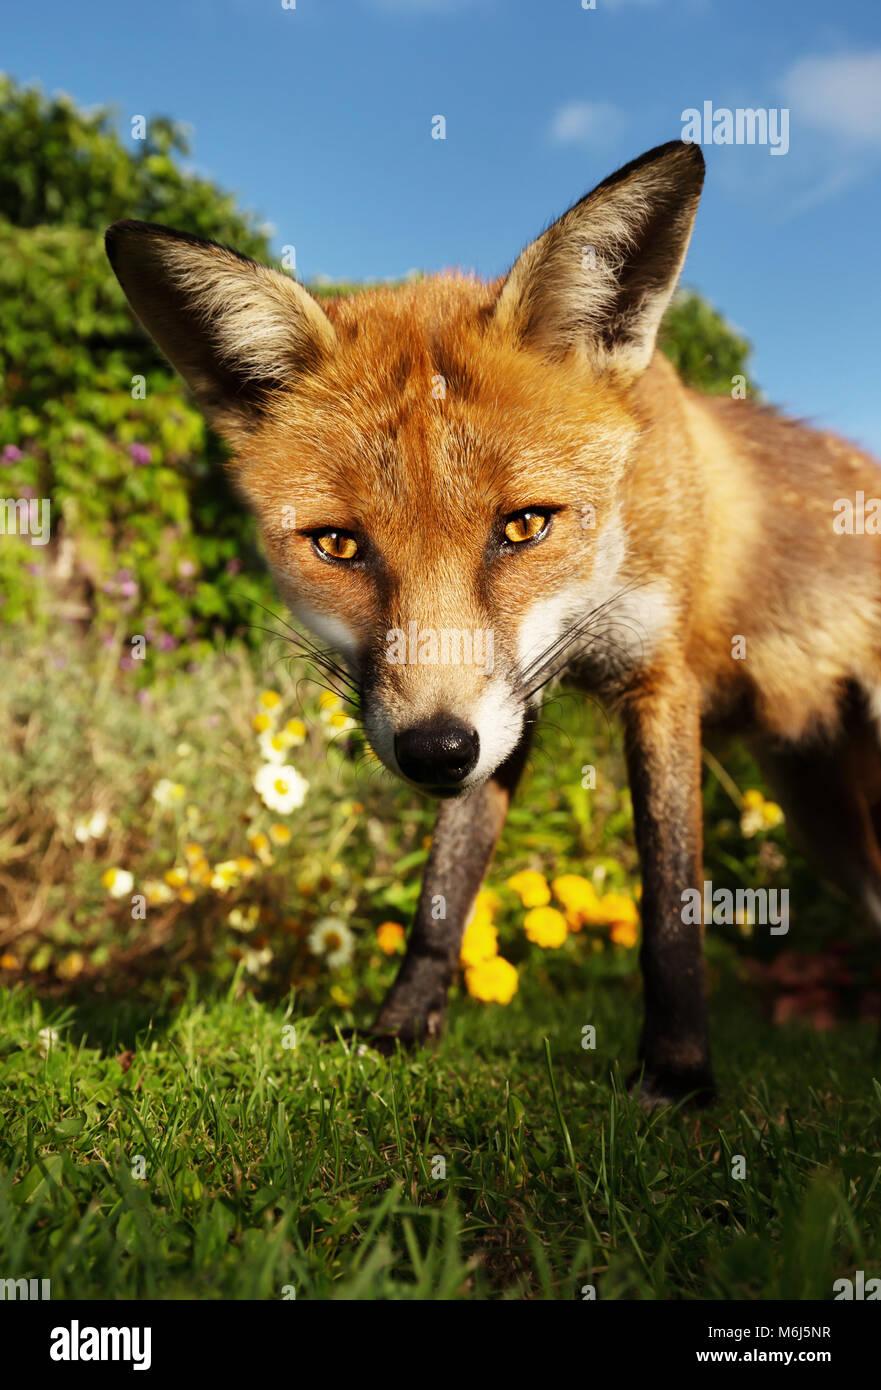 In prossimità di una volpe rossa in piedi nel giardino con fiori, estate nel Regno Unito. Immagini Stock